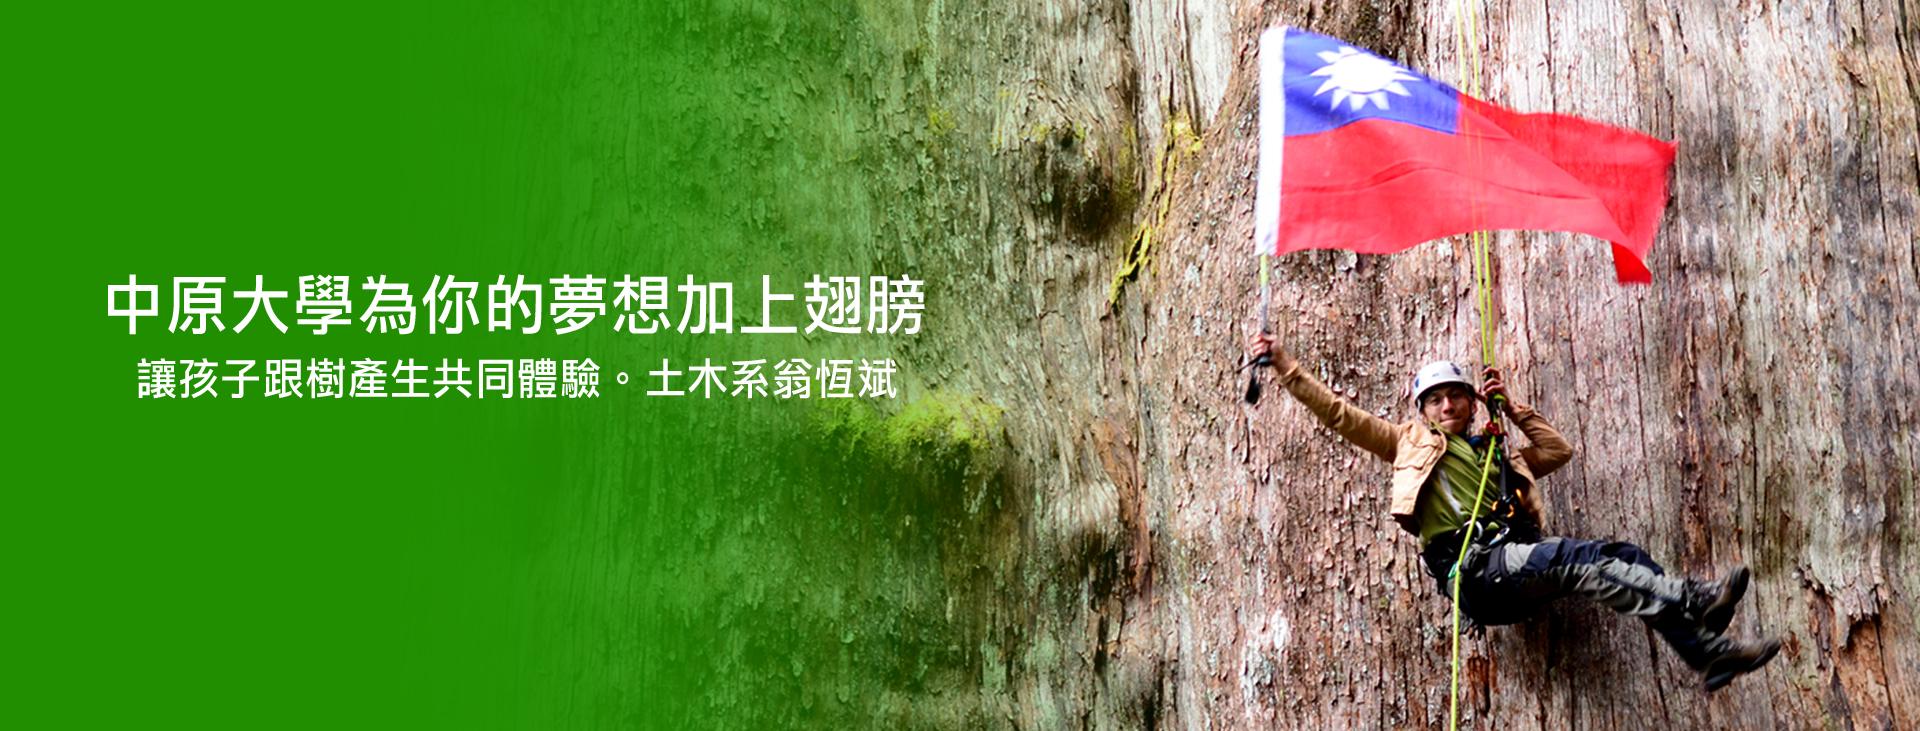 野孩子翁恒斌 攀樹、護樹 讓孩子跟樹產生 共同體驗